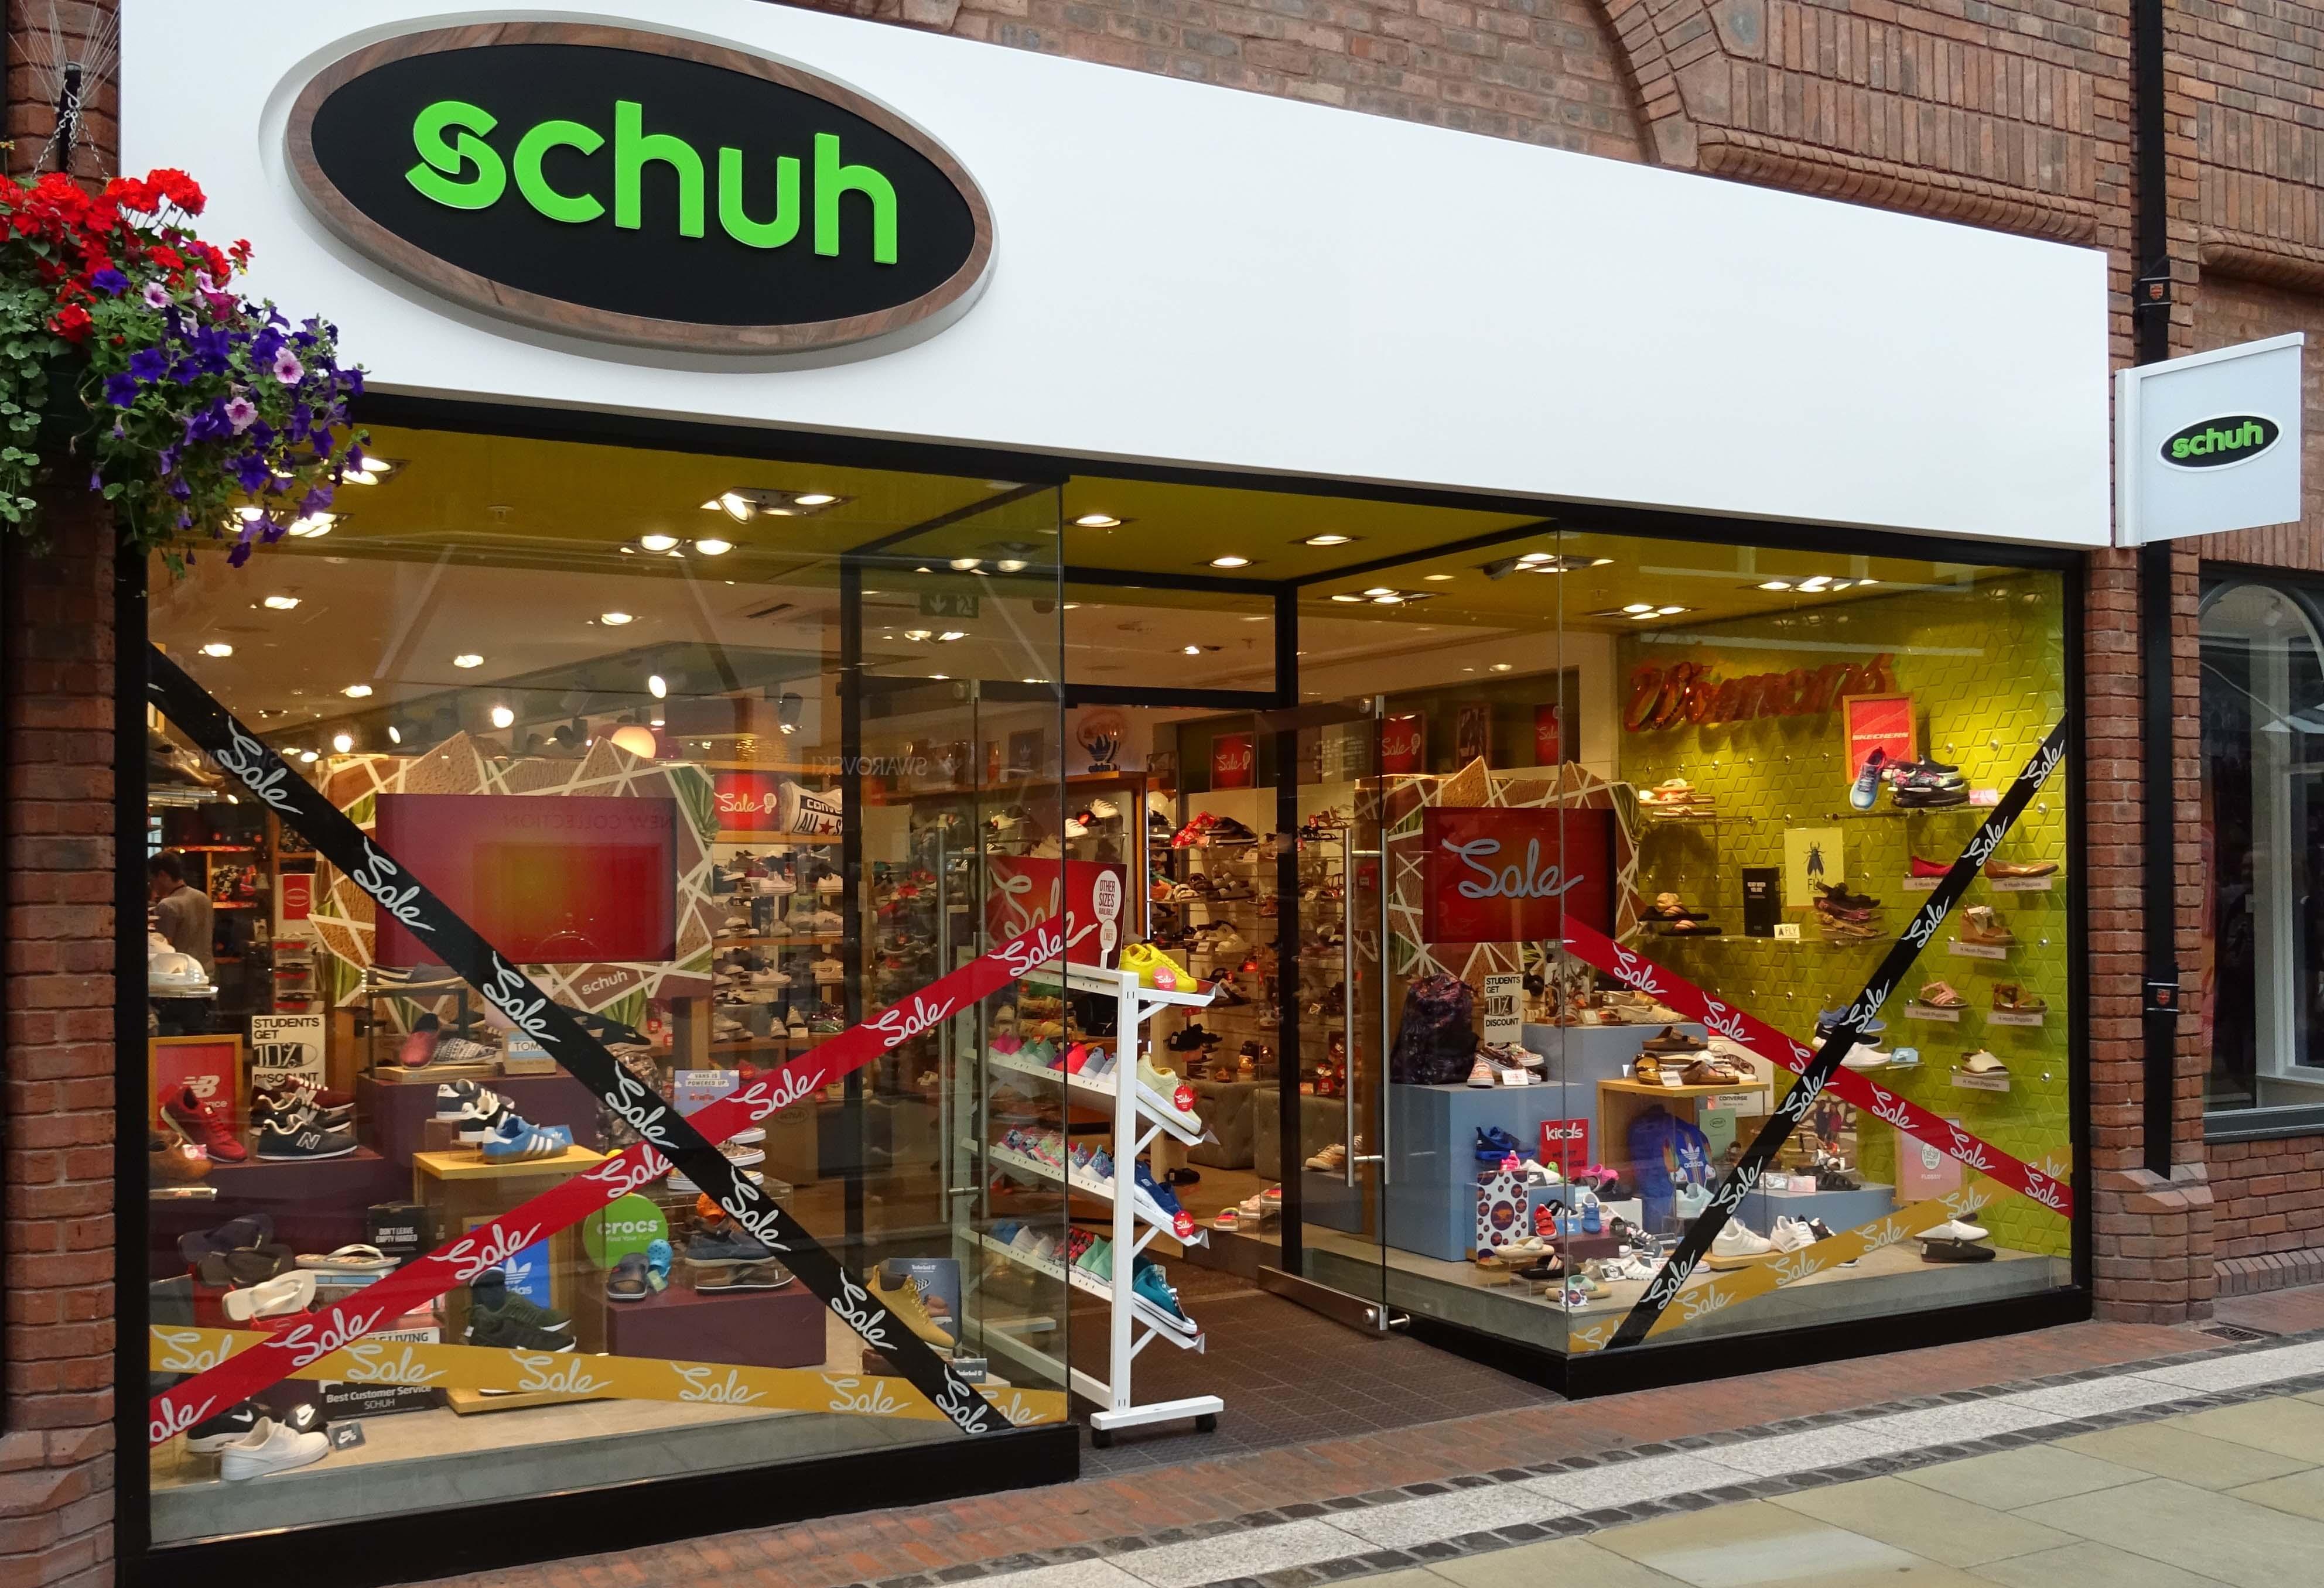 separation shoes 685c6 9e7d1 Schuh - The Lanes Shopping Centre